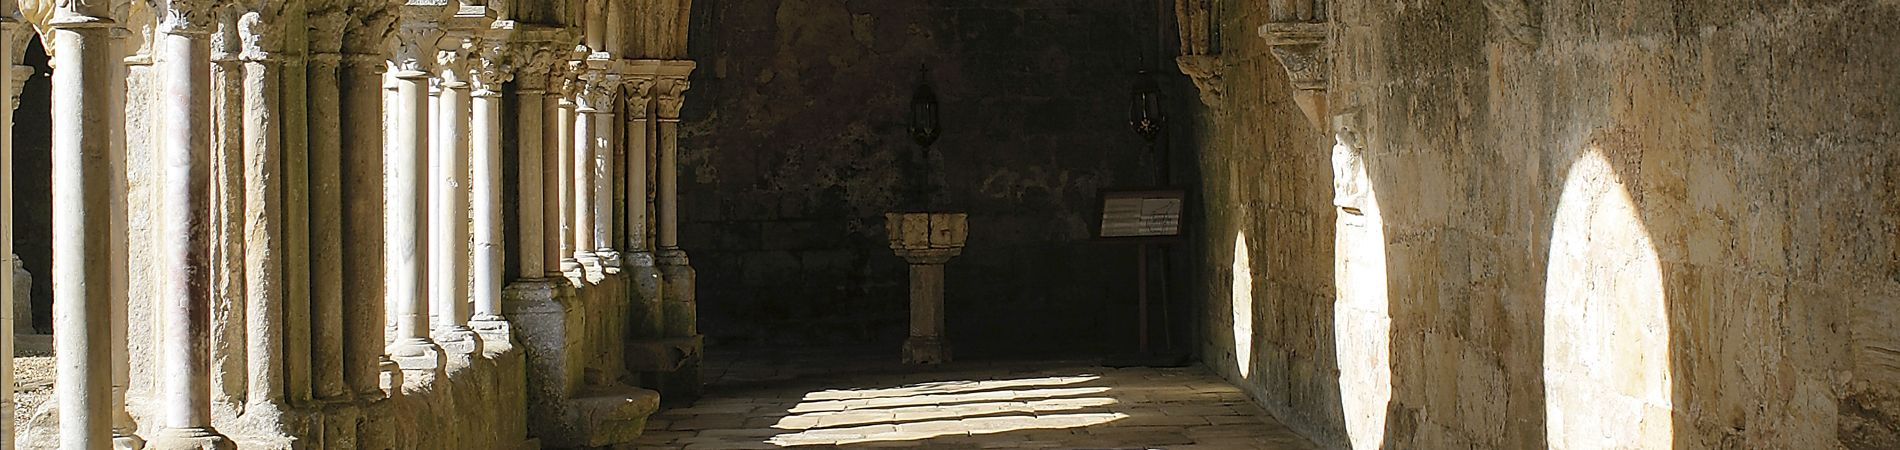 El interior de la abadía de Fontfroide